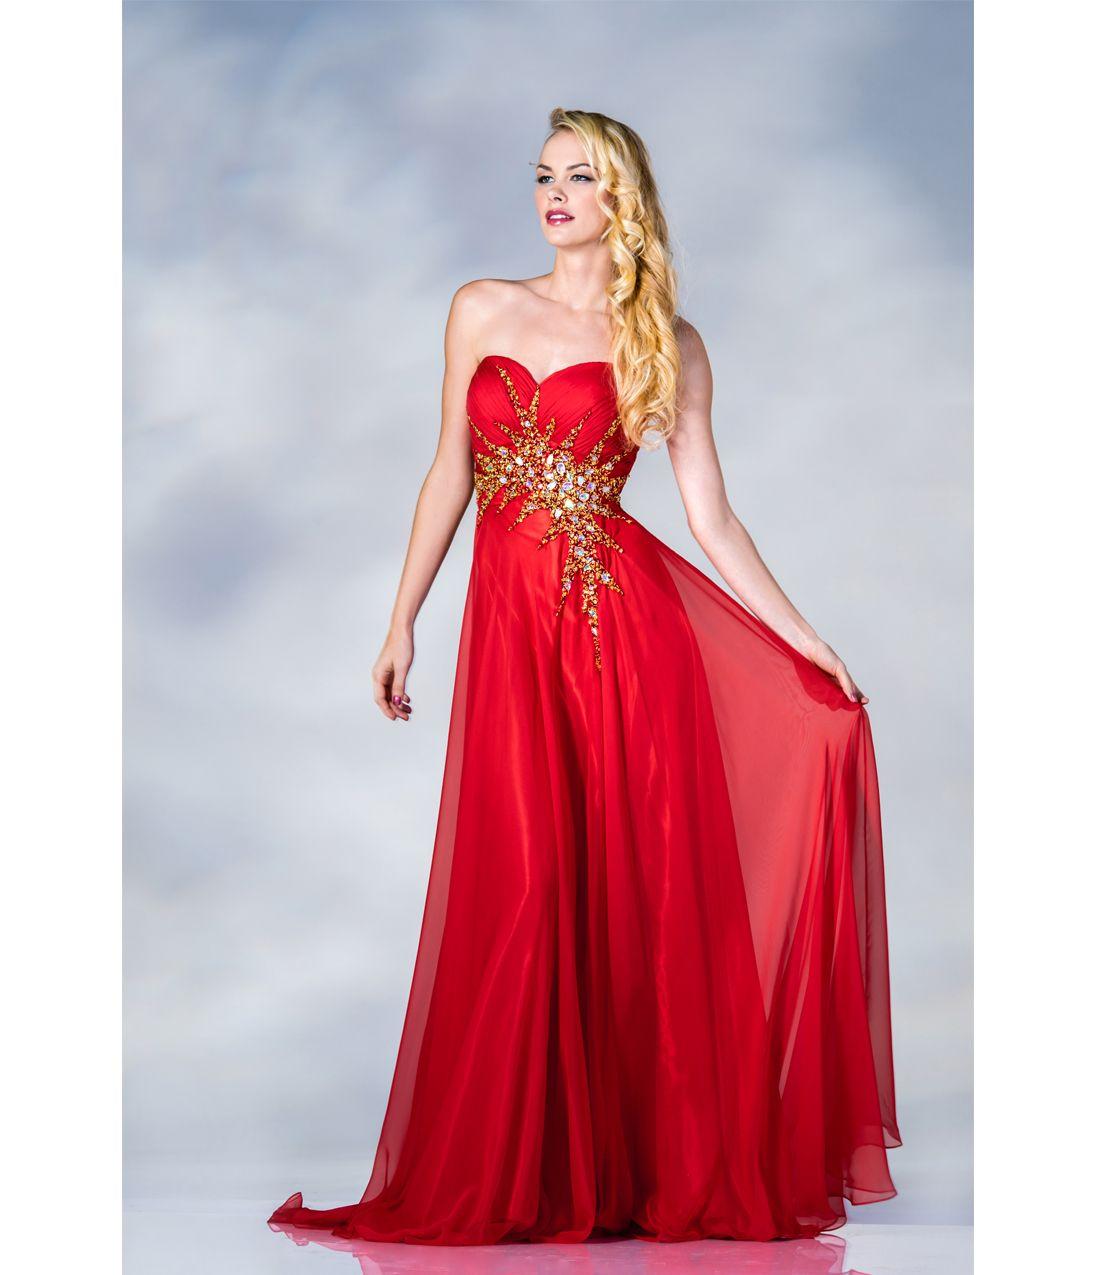 Unique Vintage | Pinterest | Chiffon gown, Unique vintage and Prom